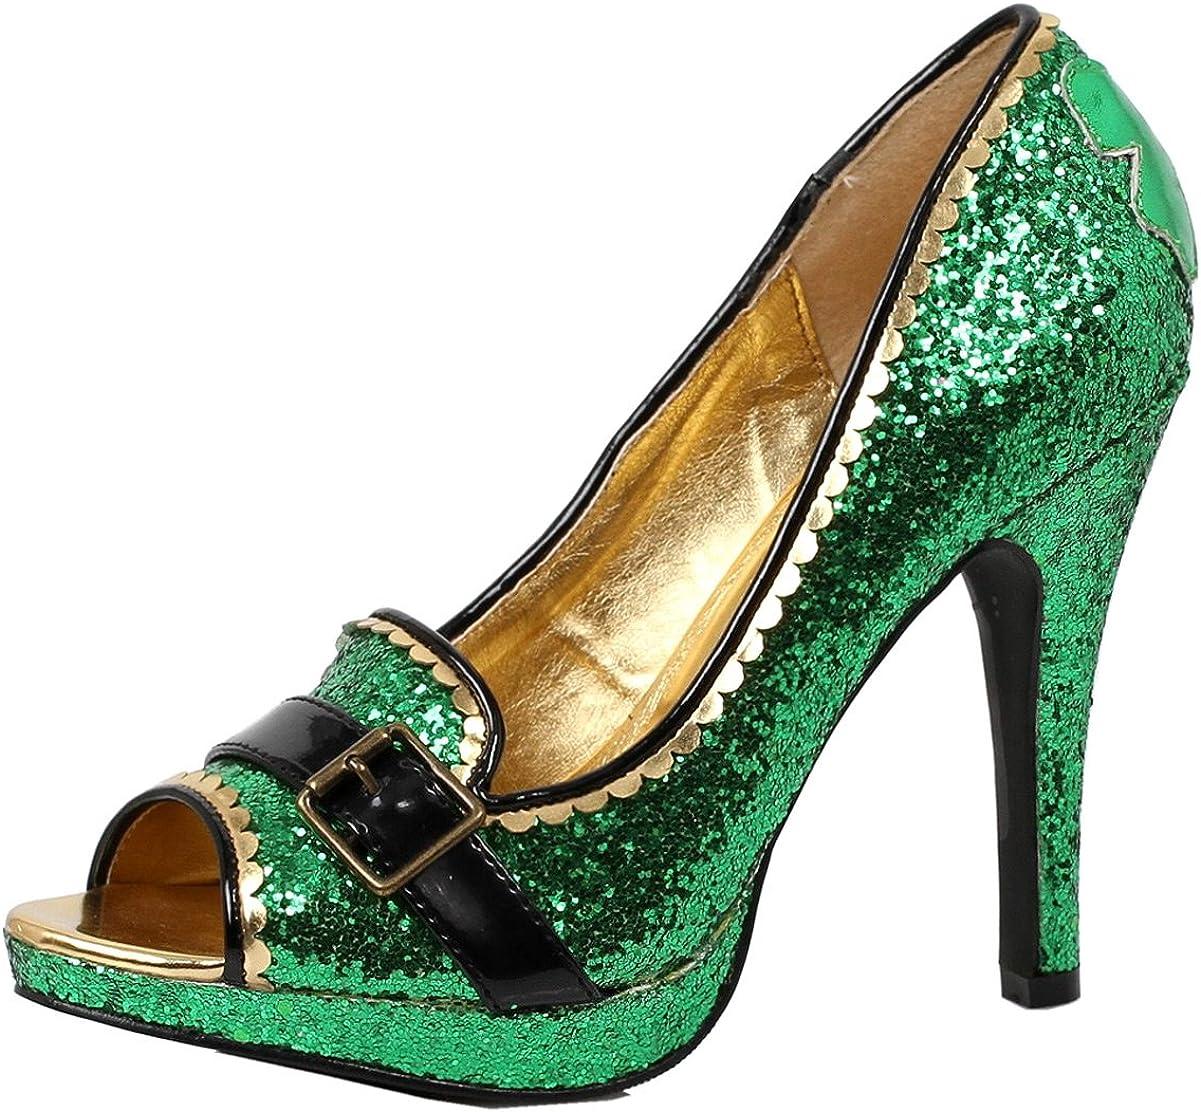 Womens Green High Heels Glitter Pumps St Pattys Day Leprechaun Shoe 4 Inch Heel